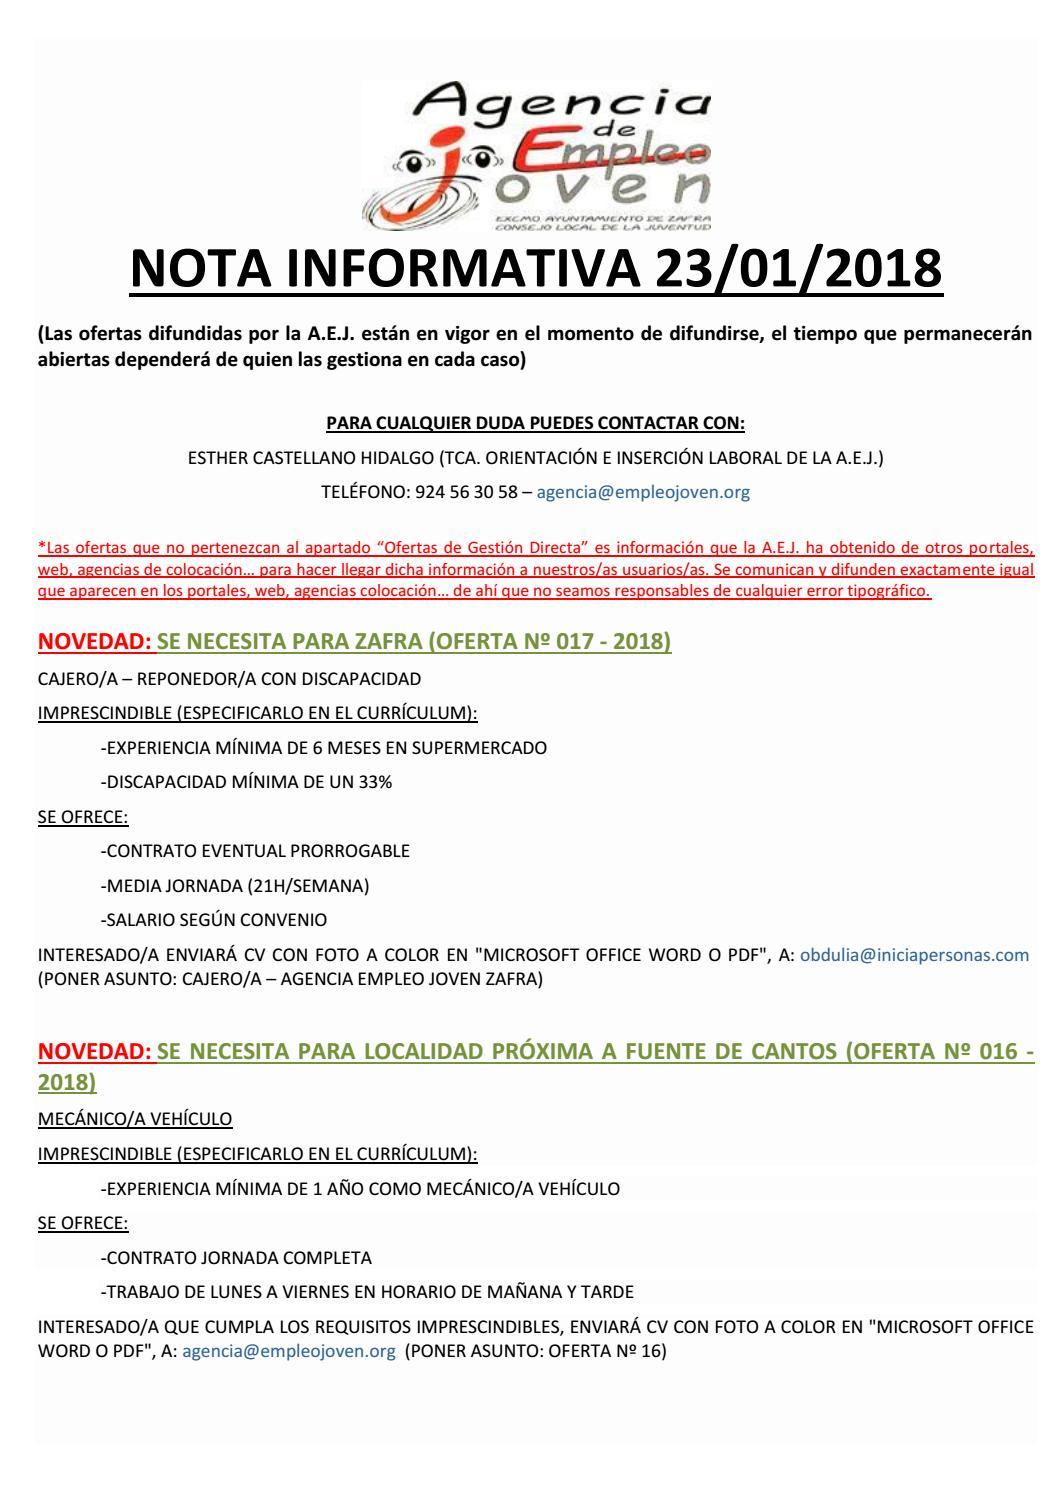 Nota informativa 23 by Segura De León - issuu